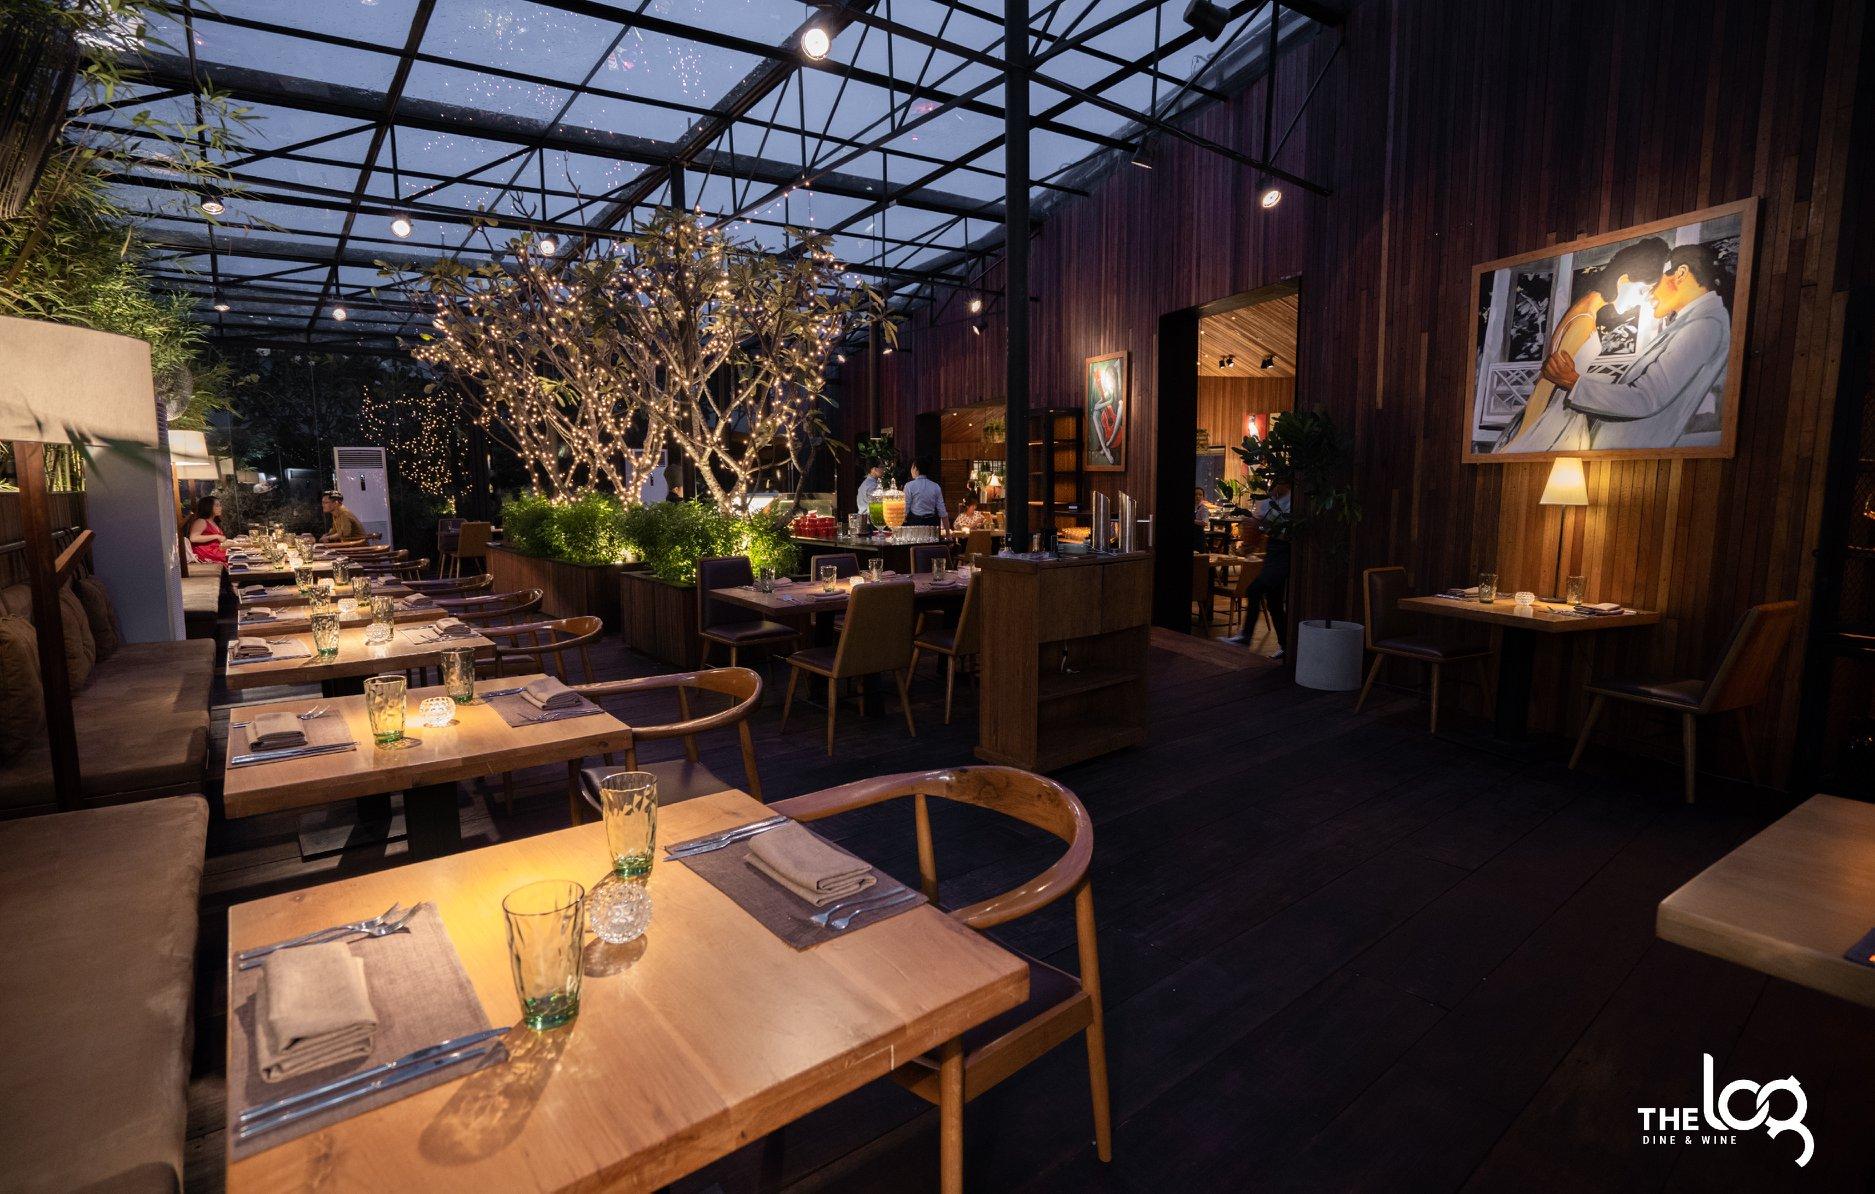 The-Log restaurant